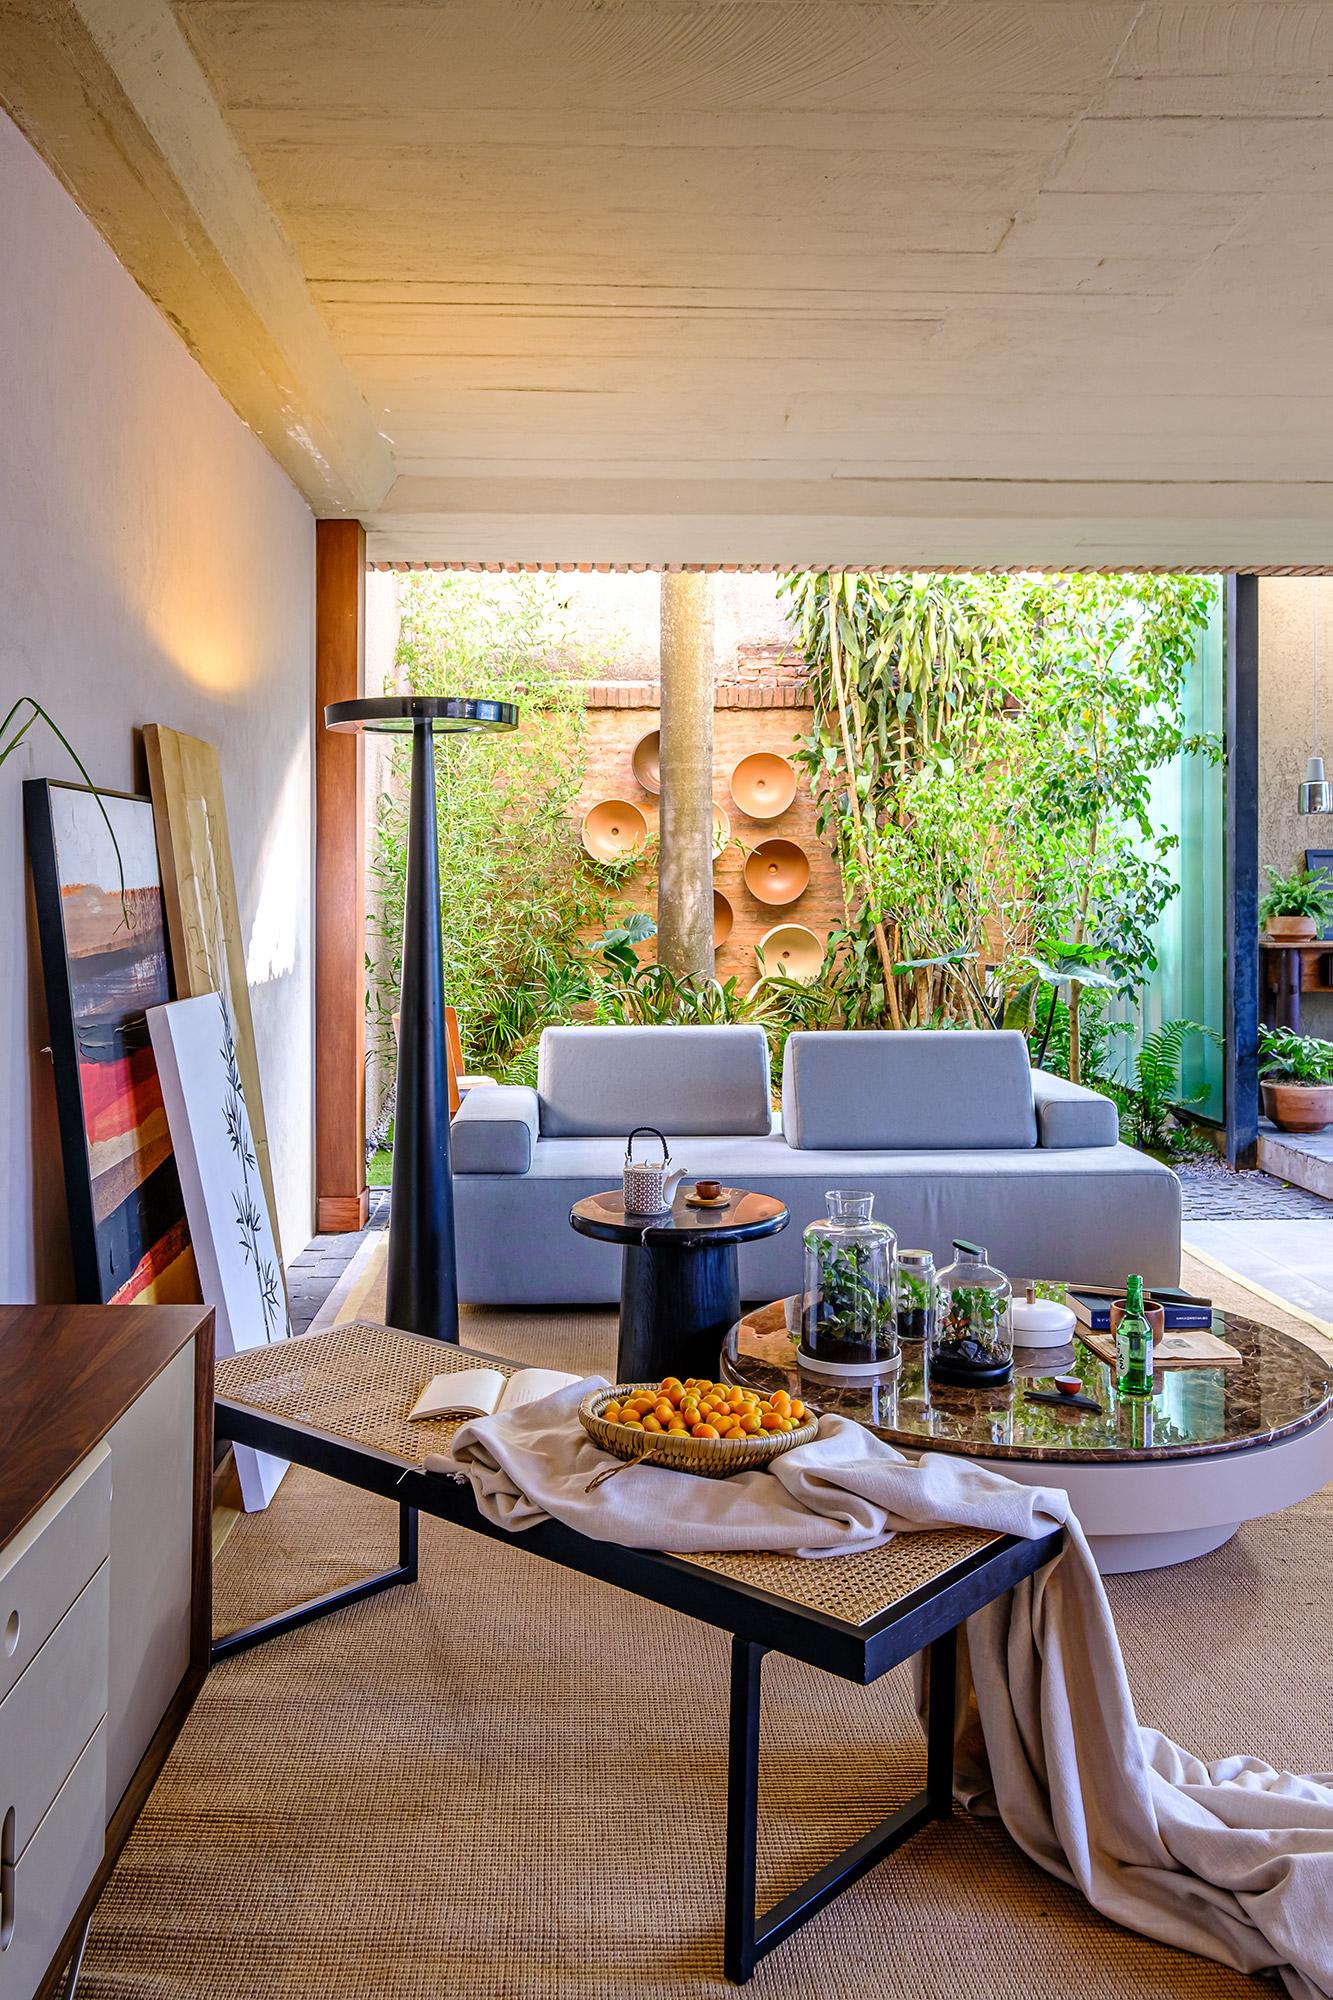 casacor bolivia decor decoração arquitetura 2021 mostras casa komorebí tassiana oshiro